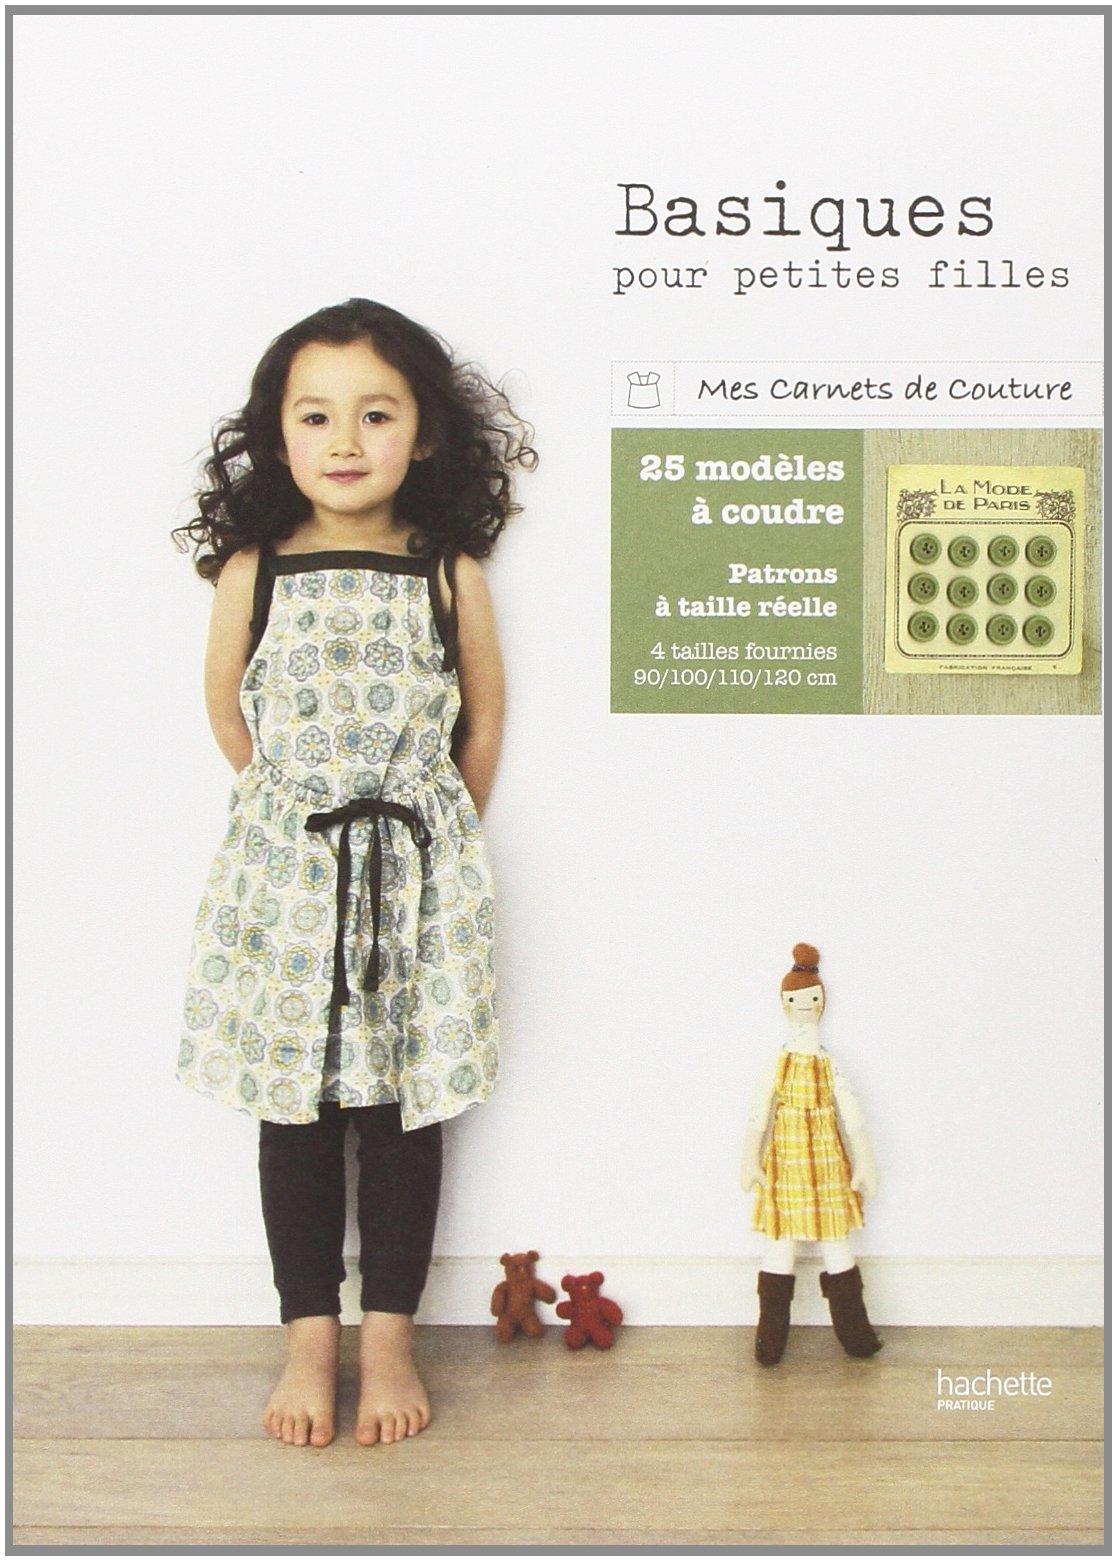 Basiques pour petites filles, 25 modèles à coudre